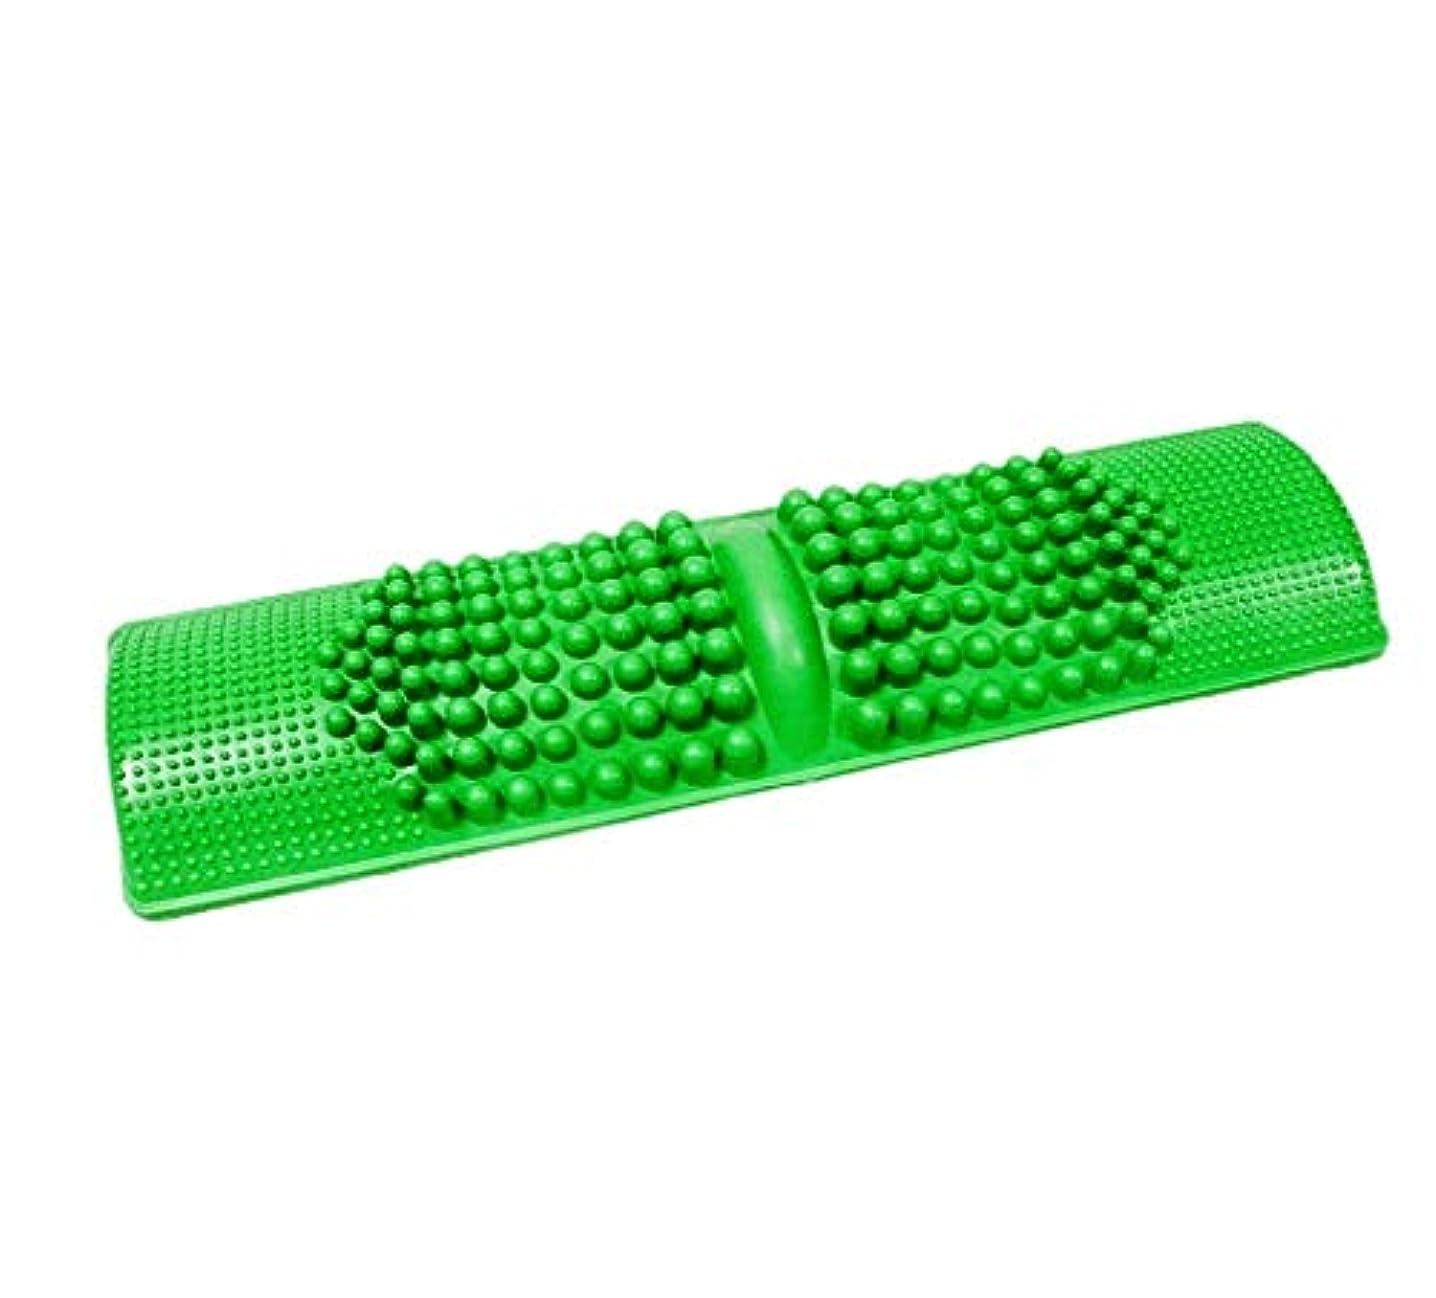 割る承認する鋸歯状簡単に健康維持 BIGサイズ 足つぼマッサージ 足 踏み 足裏 刺激 血行促進 (グリーン)